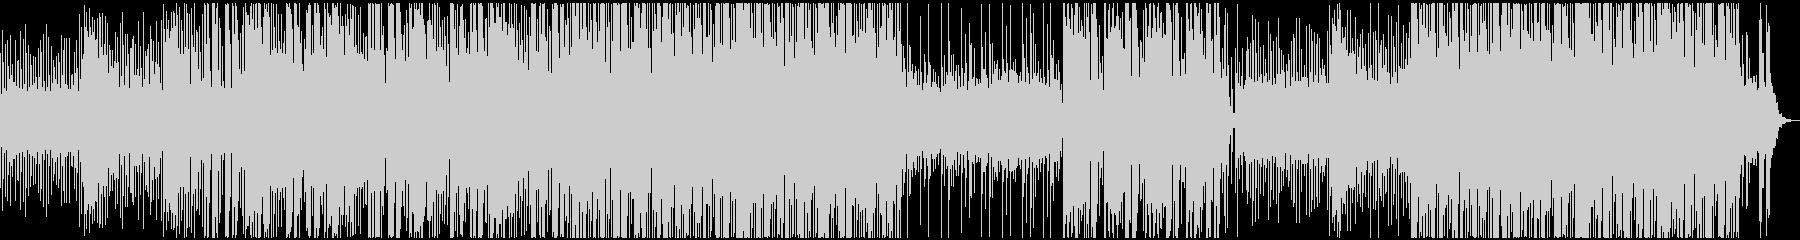 ミッドテンポ、デジタルサウンド、ク...の未再生の波形